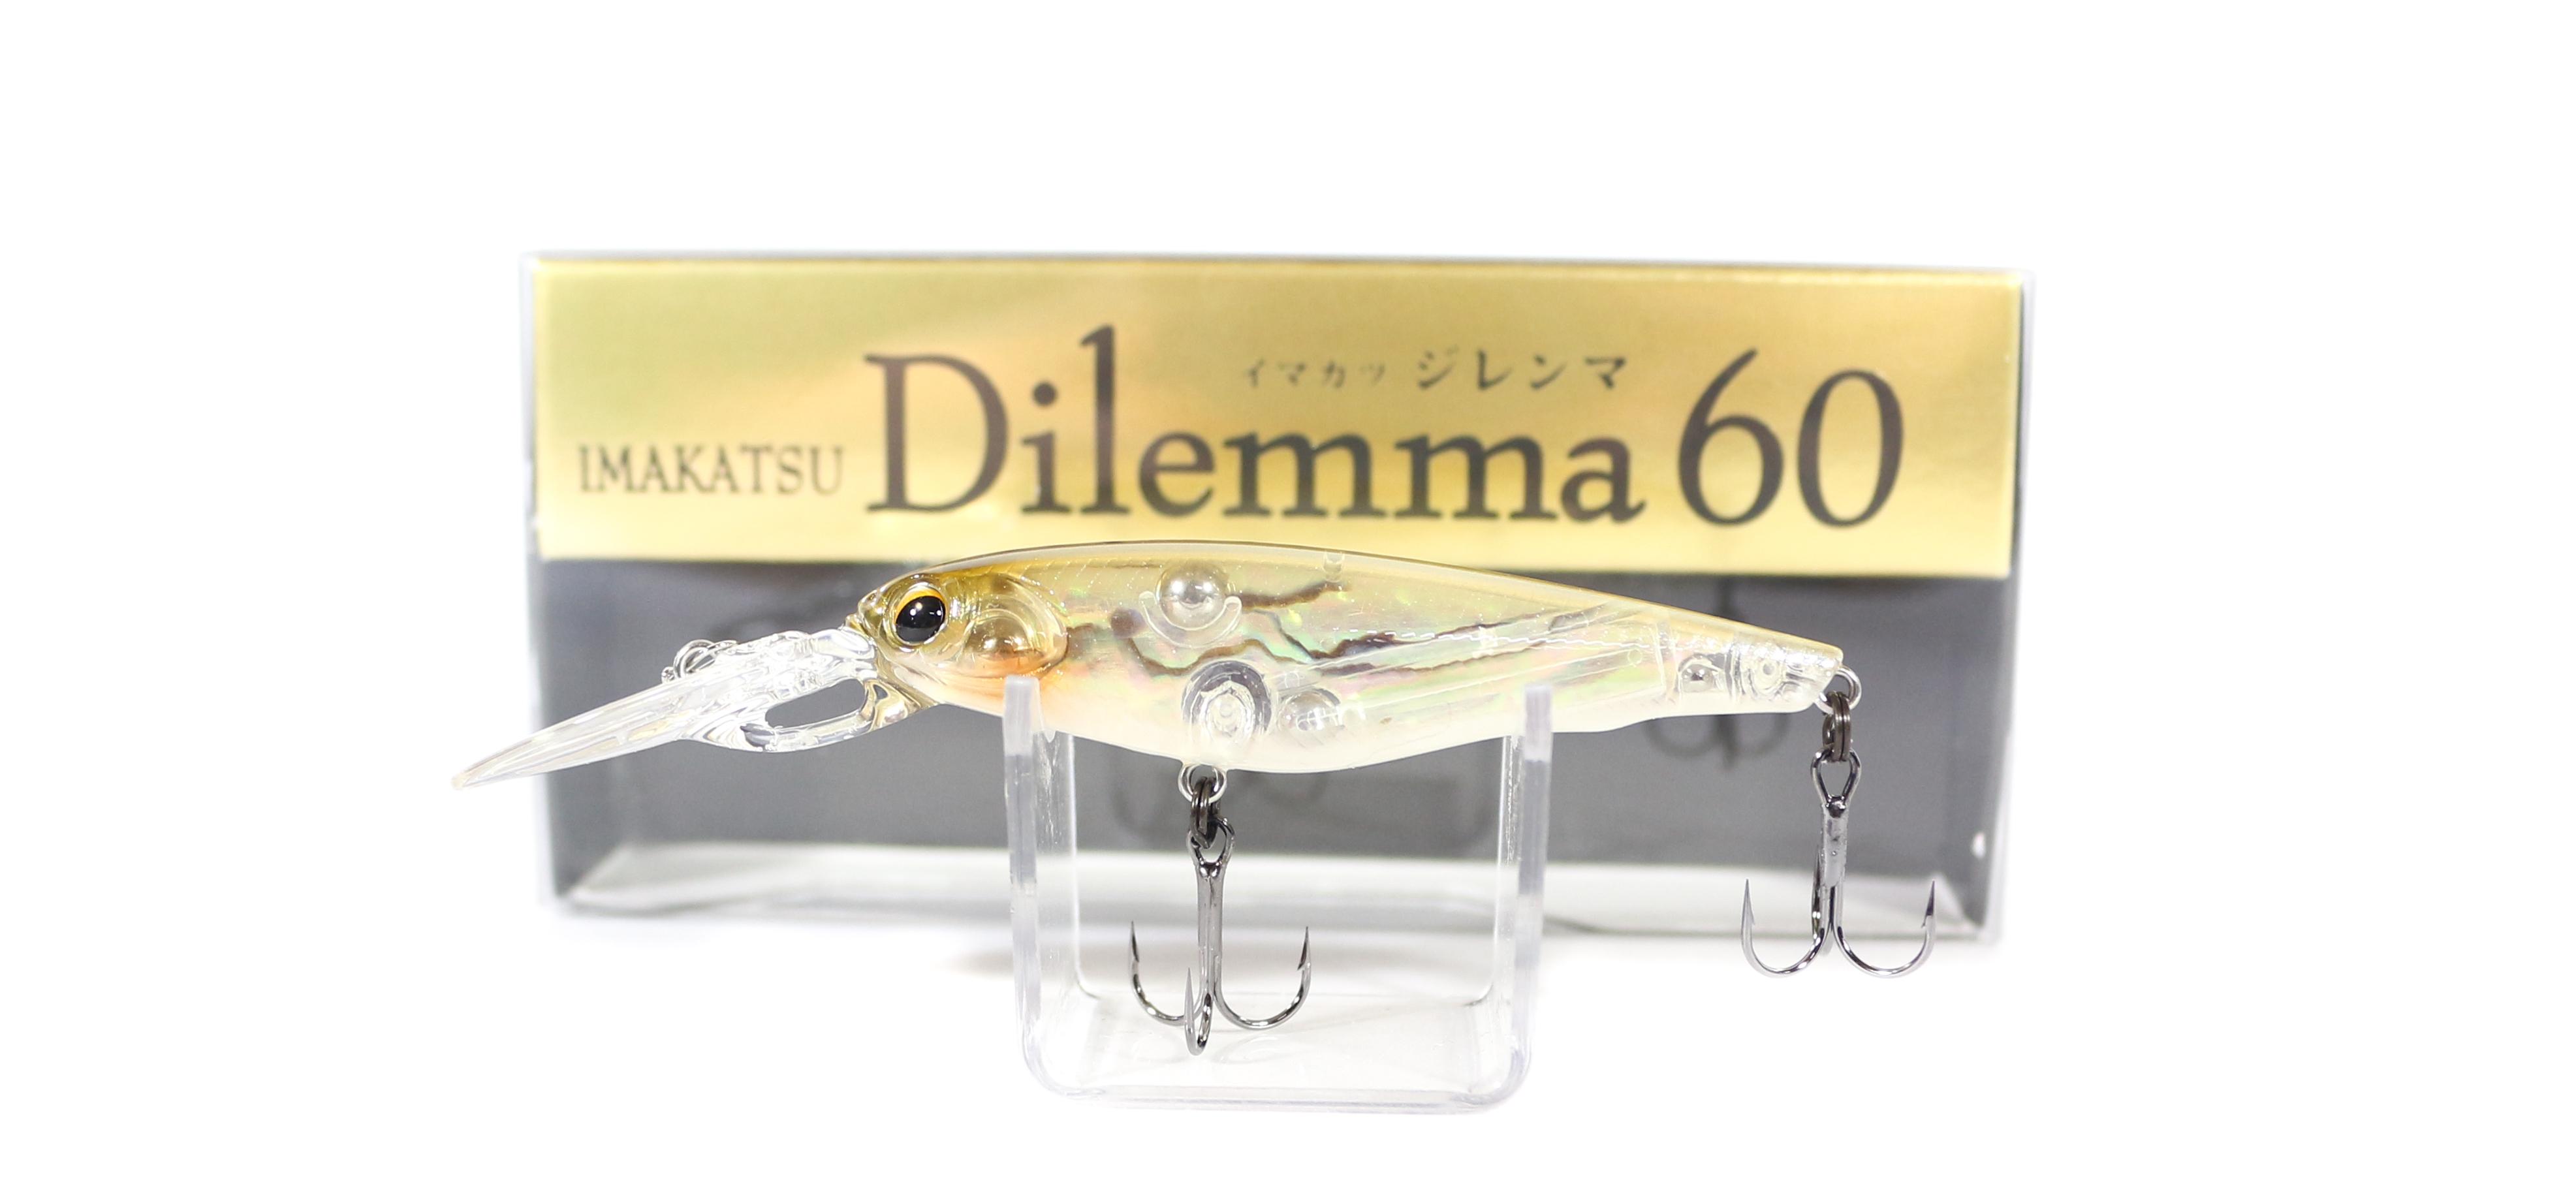 Imakatsu Dilemma 60 Abalone Shad Suspend Lure 422 (3212)